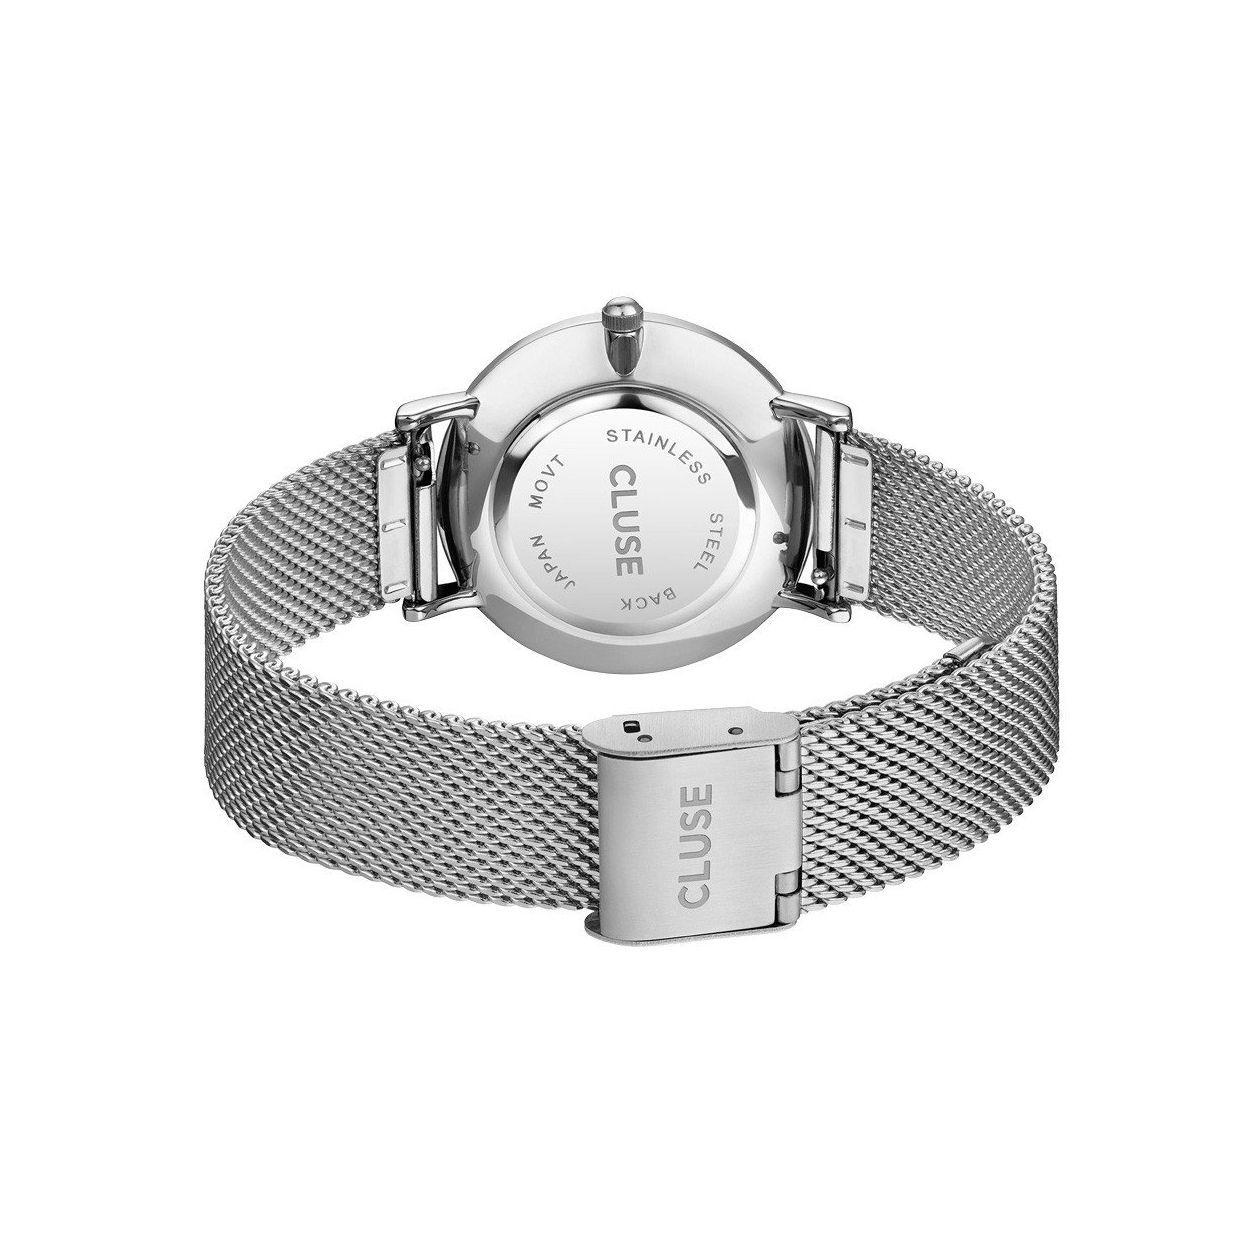 Montre Cluse Minuit Mesh Silver/White vue 2